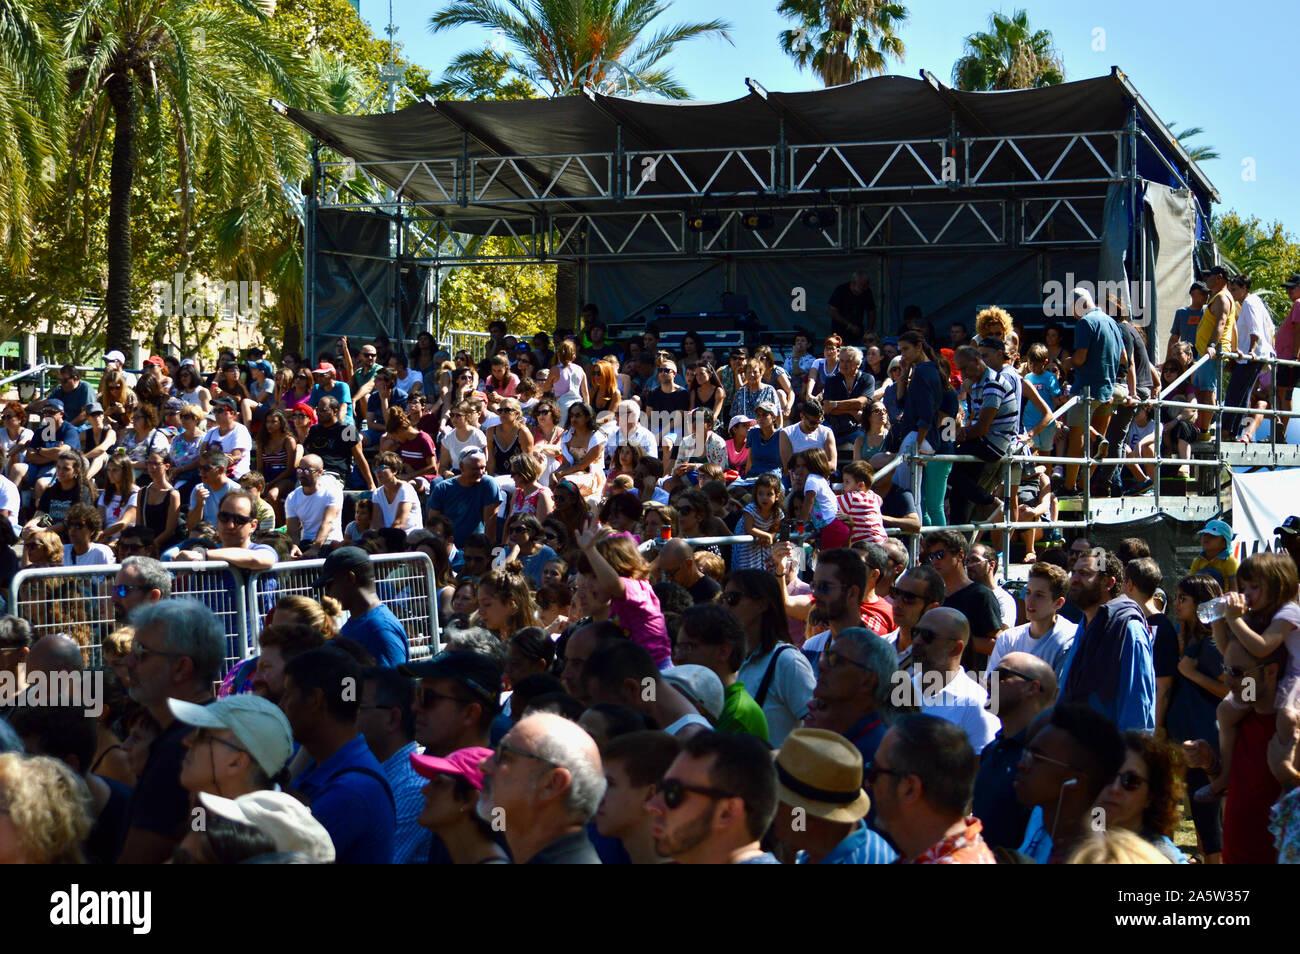 Les spectateurs à regarder un spectacle au parc de la Ciutadella durant la Merce 2019 à Barcelone, Espagne Banque D'Images